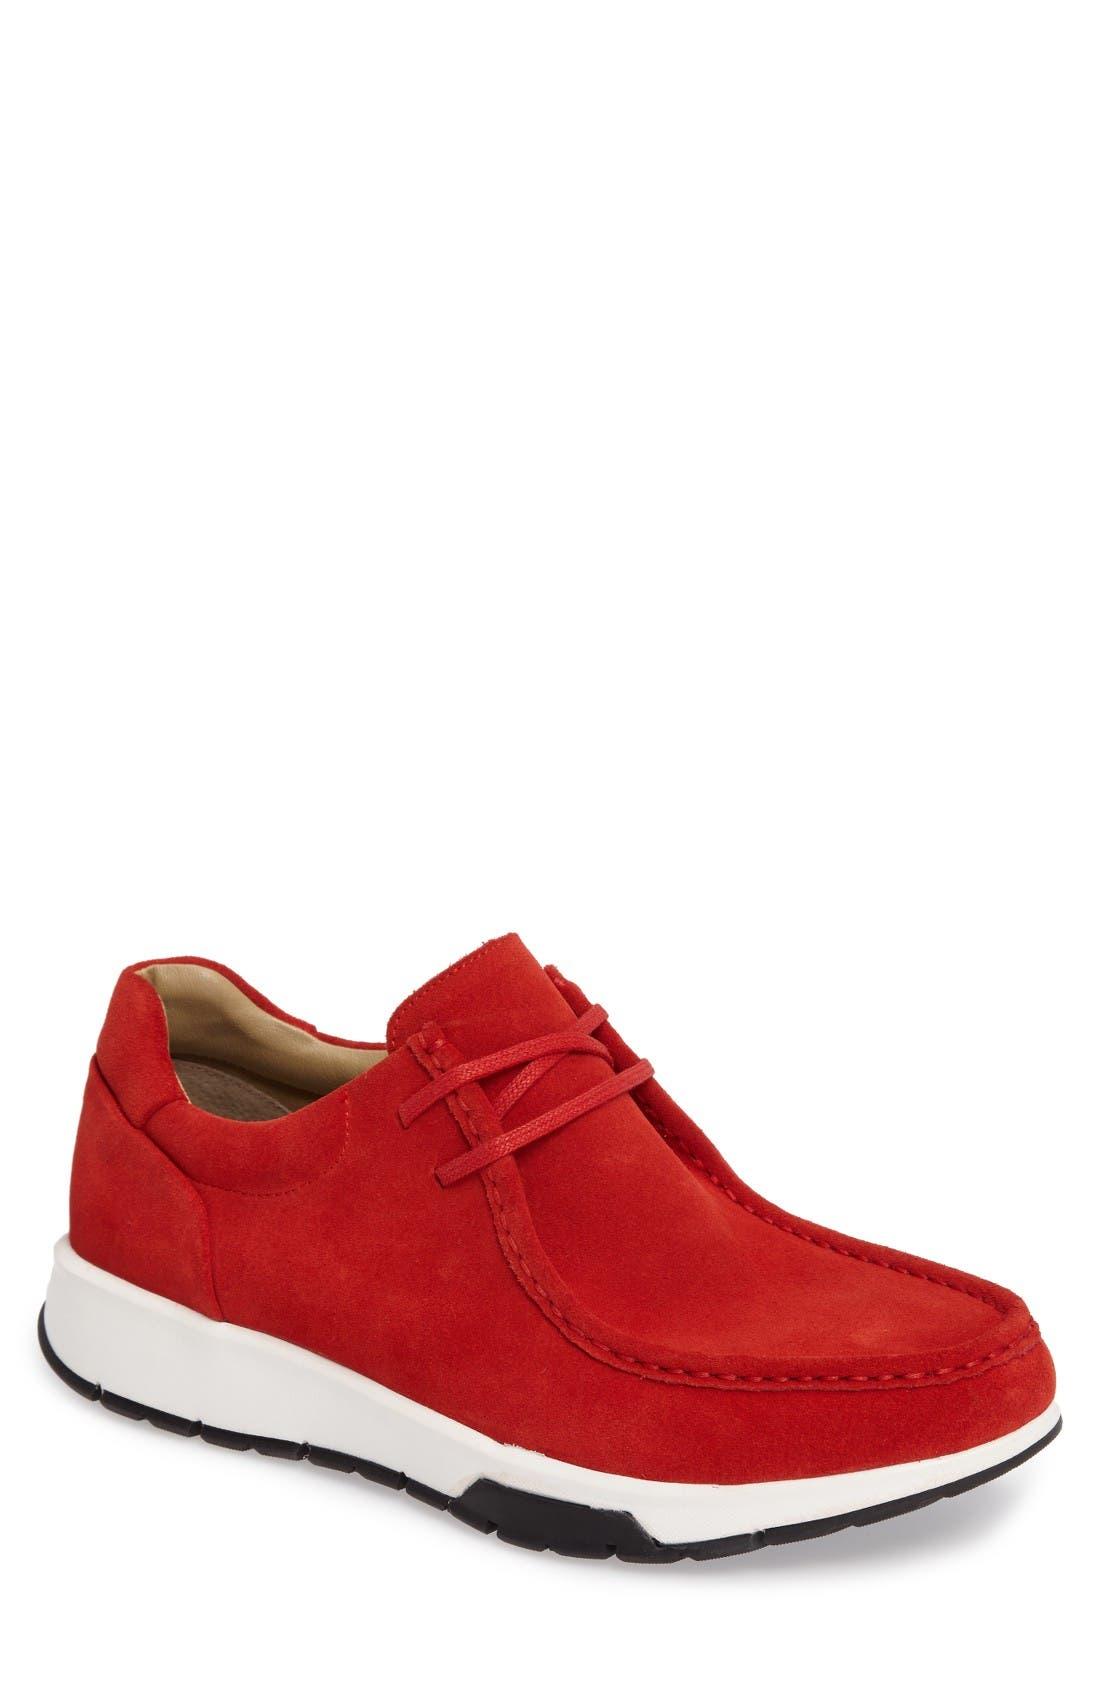 CALVIN KLEIN Kingsley Chukka Sneaker